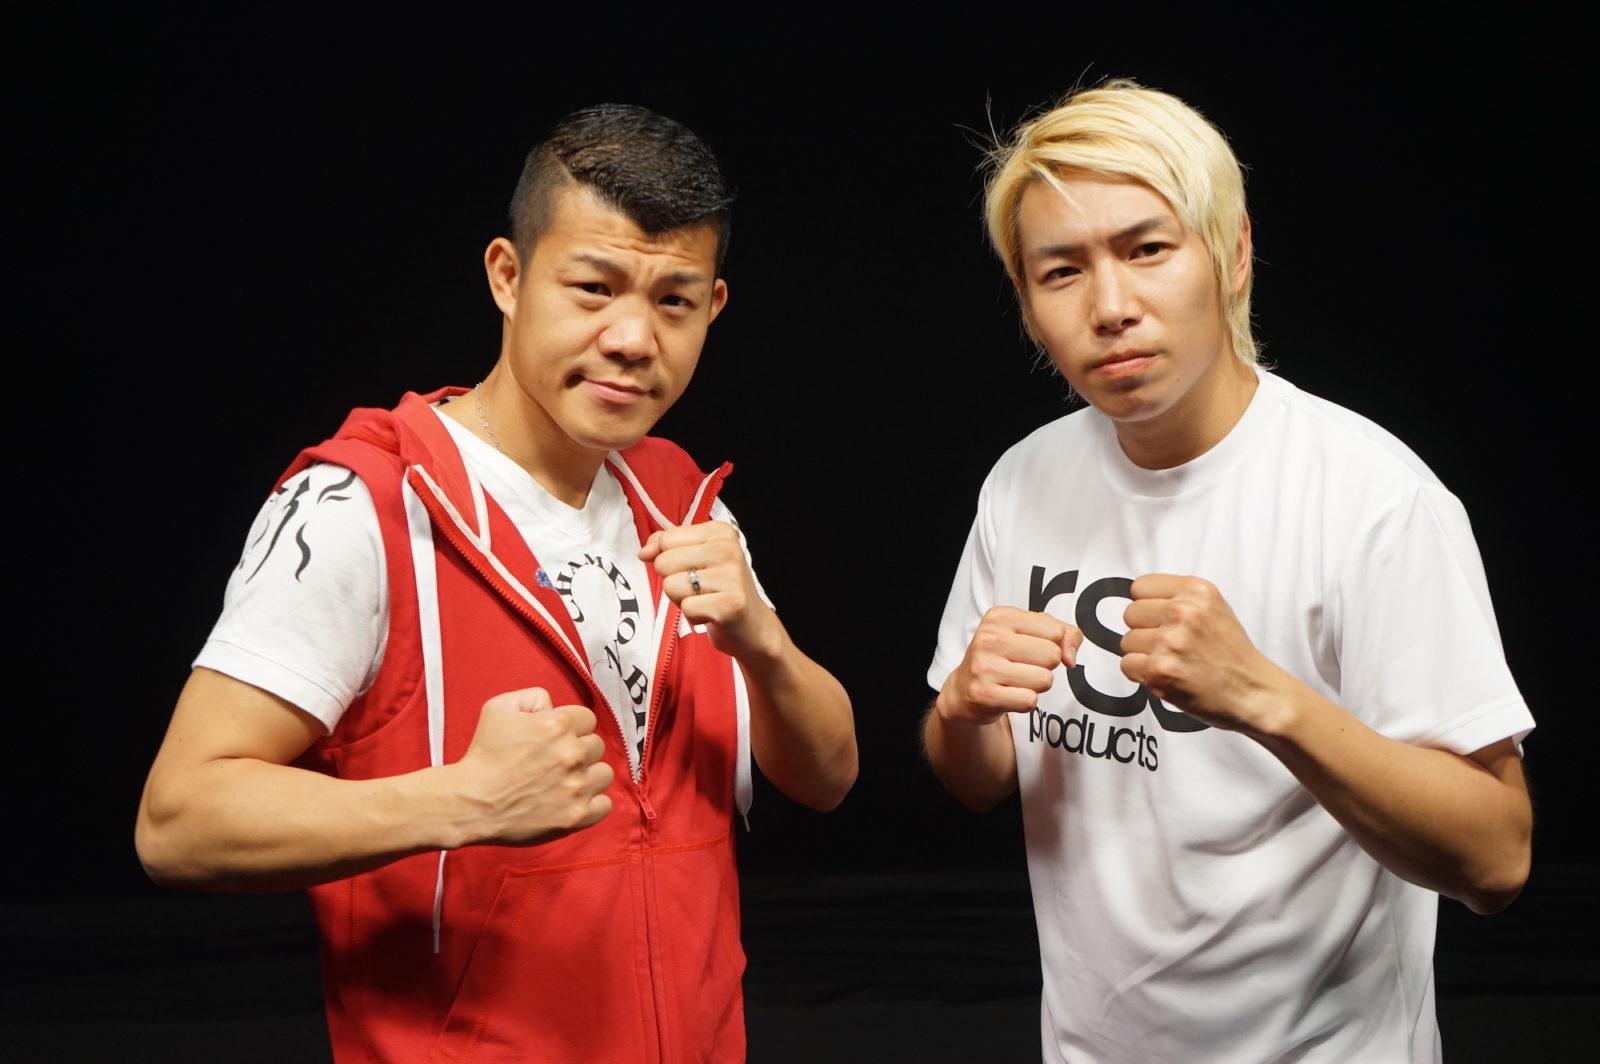 『亀田興毅に勝ったら1000万円』出場YouTuber・ジョーのトレーナーに亀田興毅が就任サムネイル画像